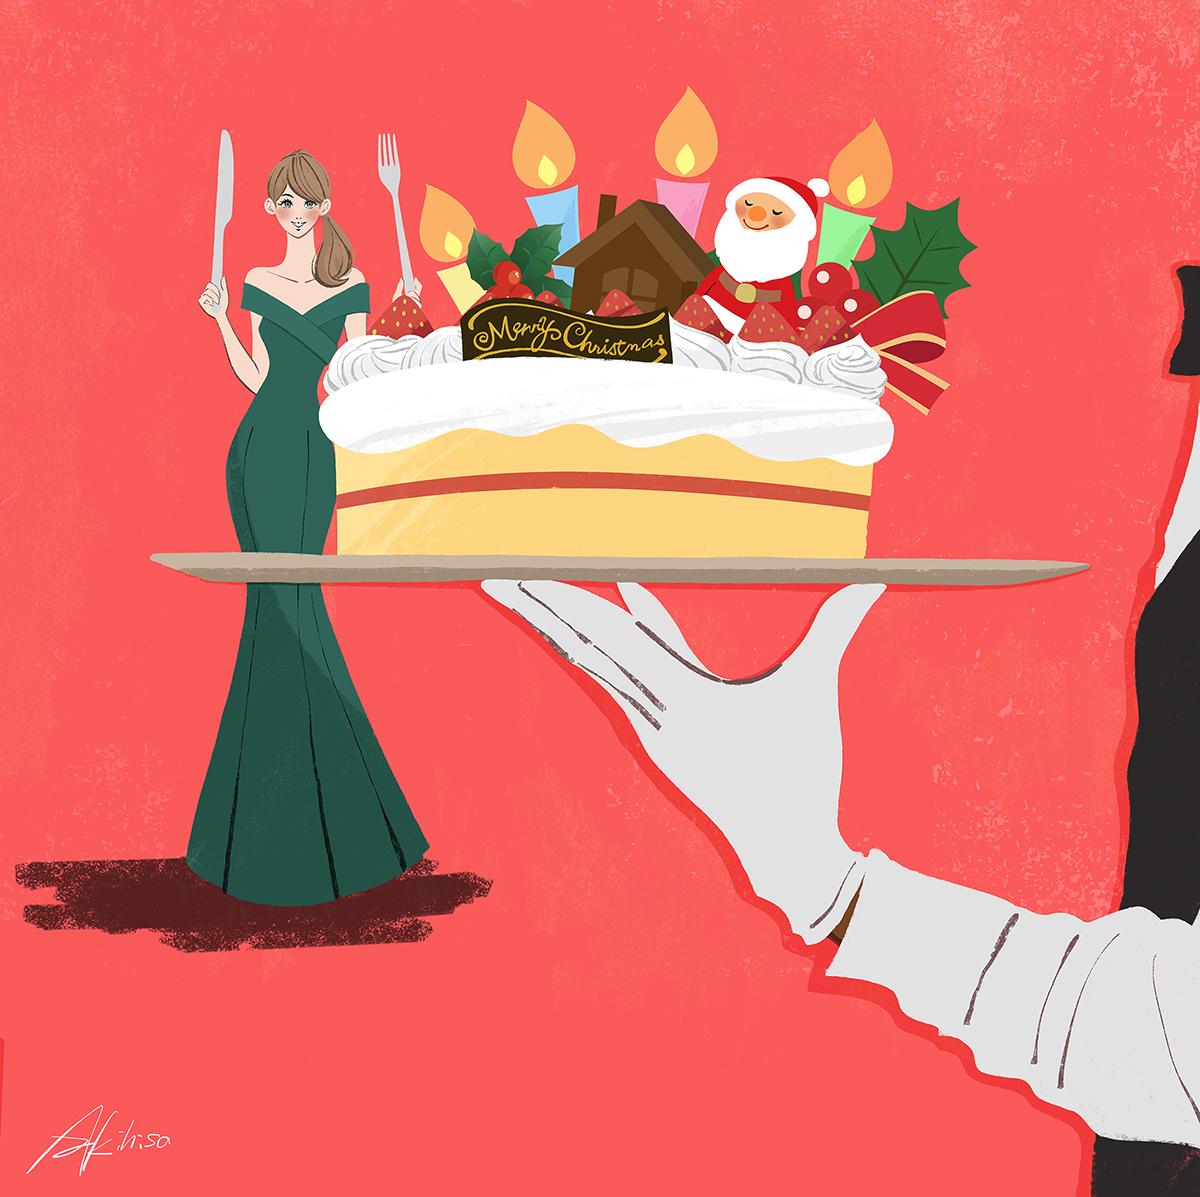 クリスウマスイブ_大きなフォークとナイフでケーキを食べる女性のイラスト